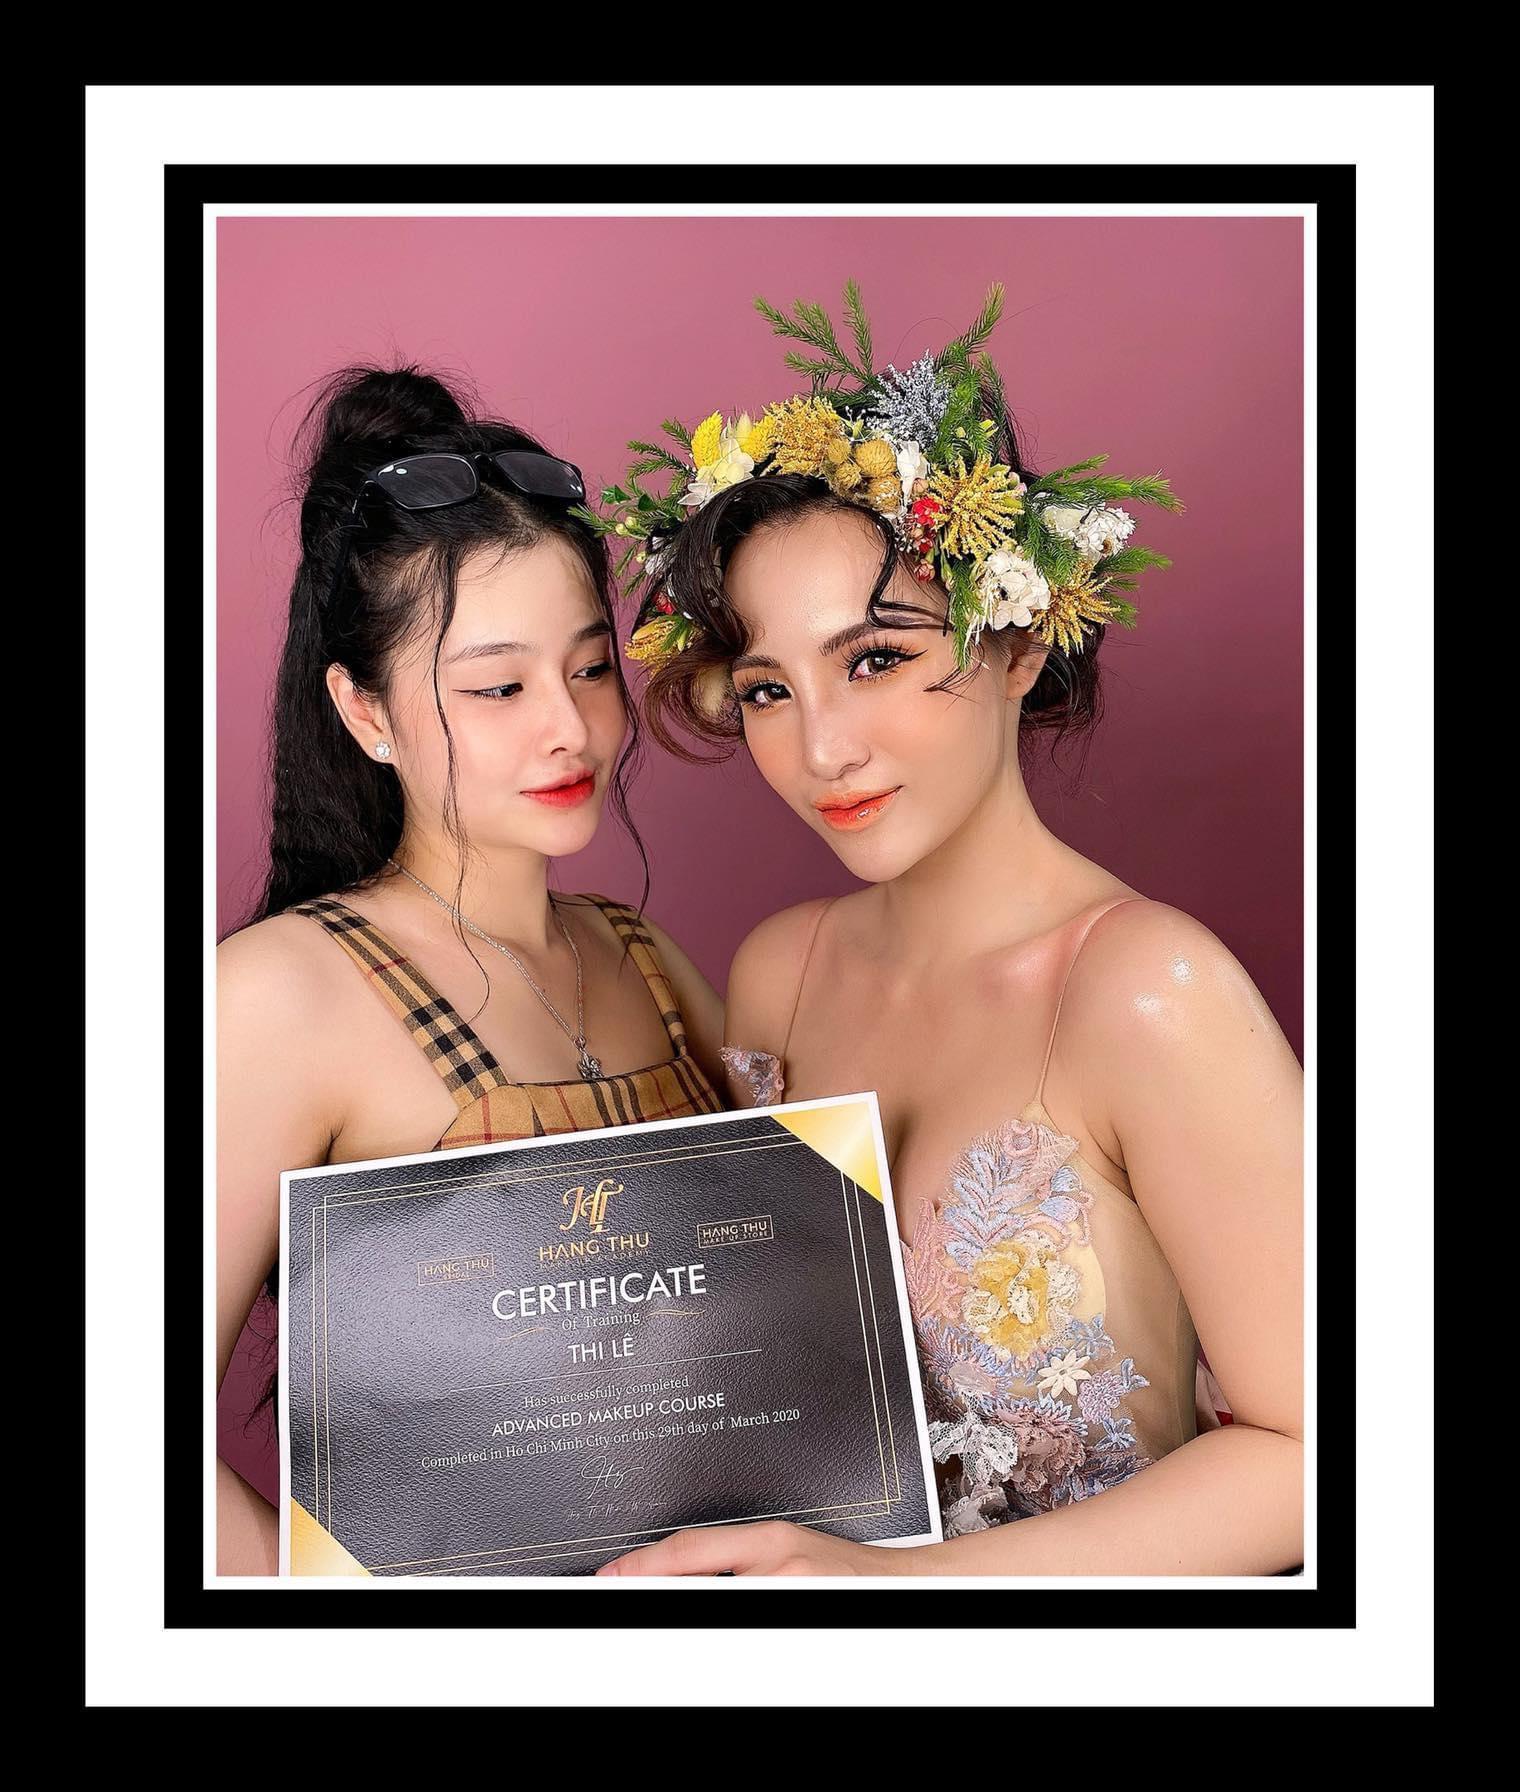 Top 7 tiệm trang điểm cô dâu đẹp nhất tại Đồng Nai -  Thi Lee Makeup